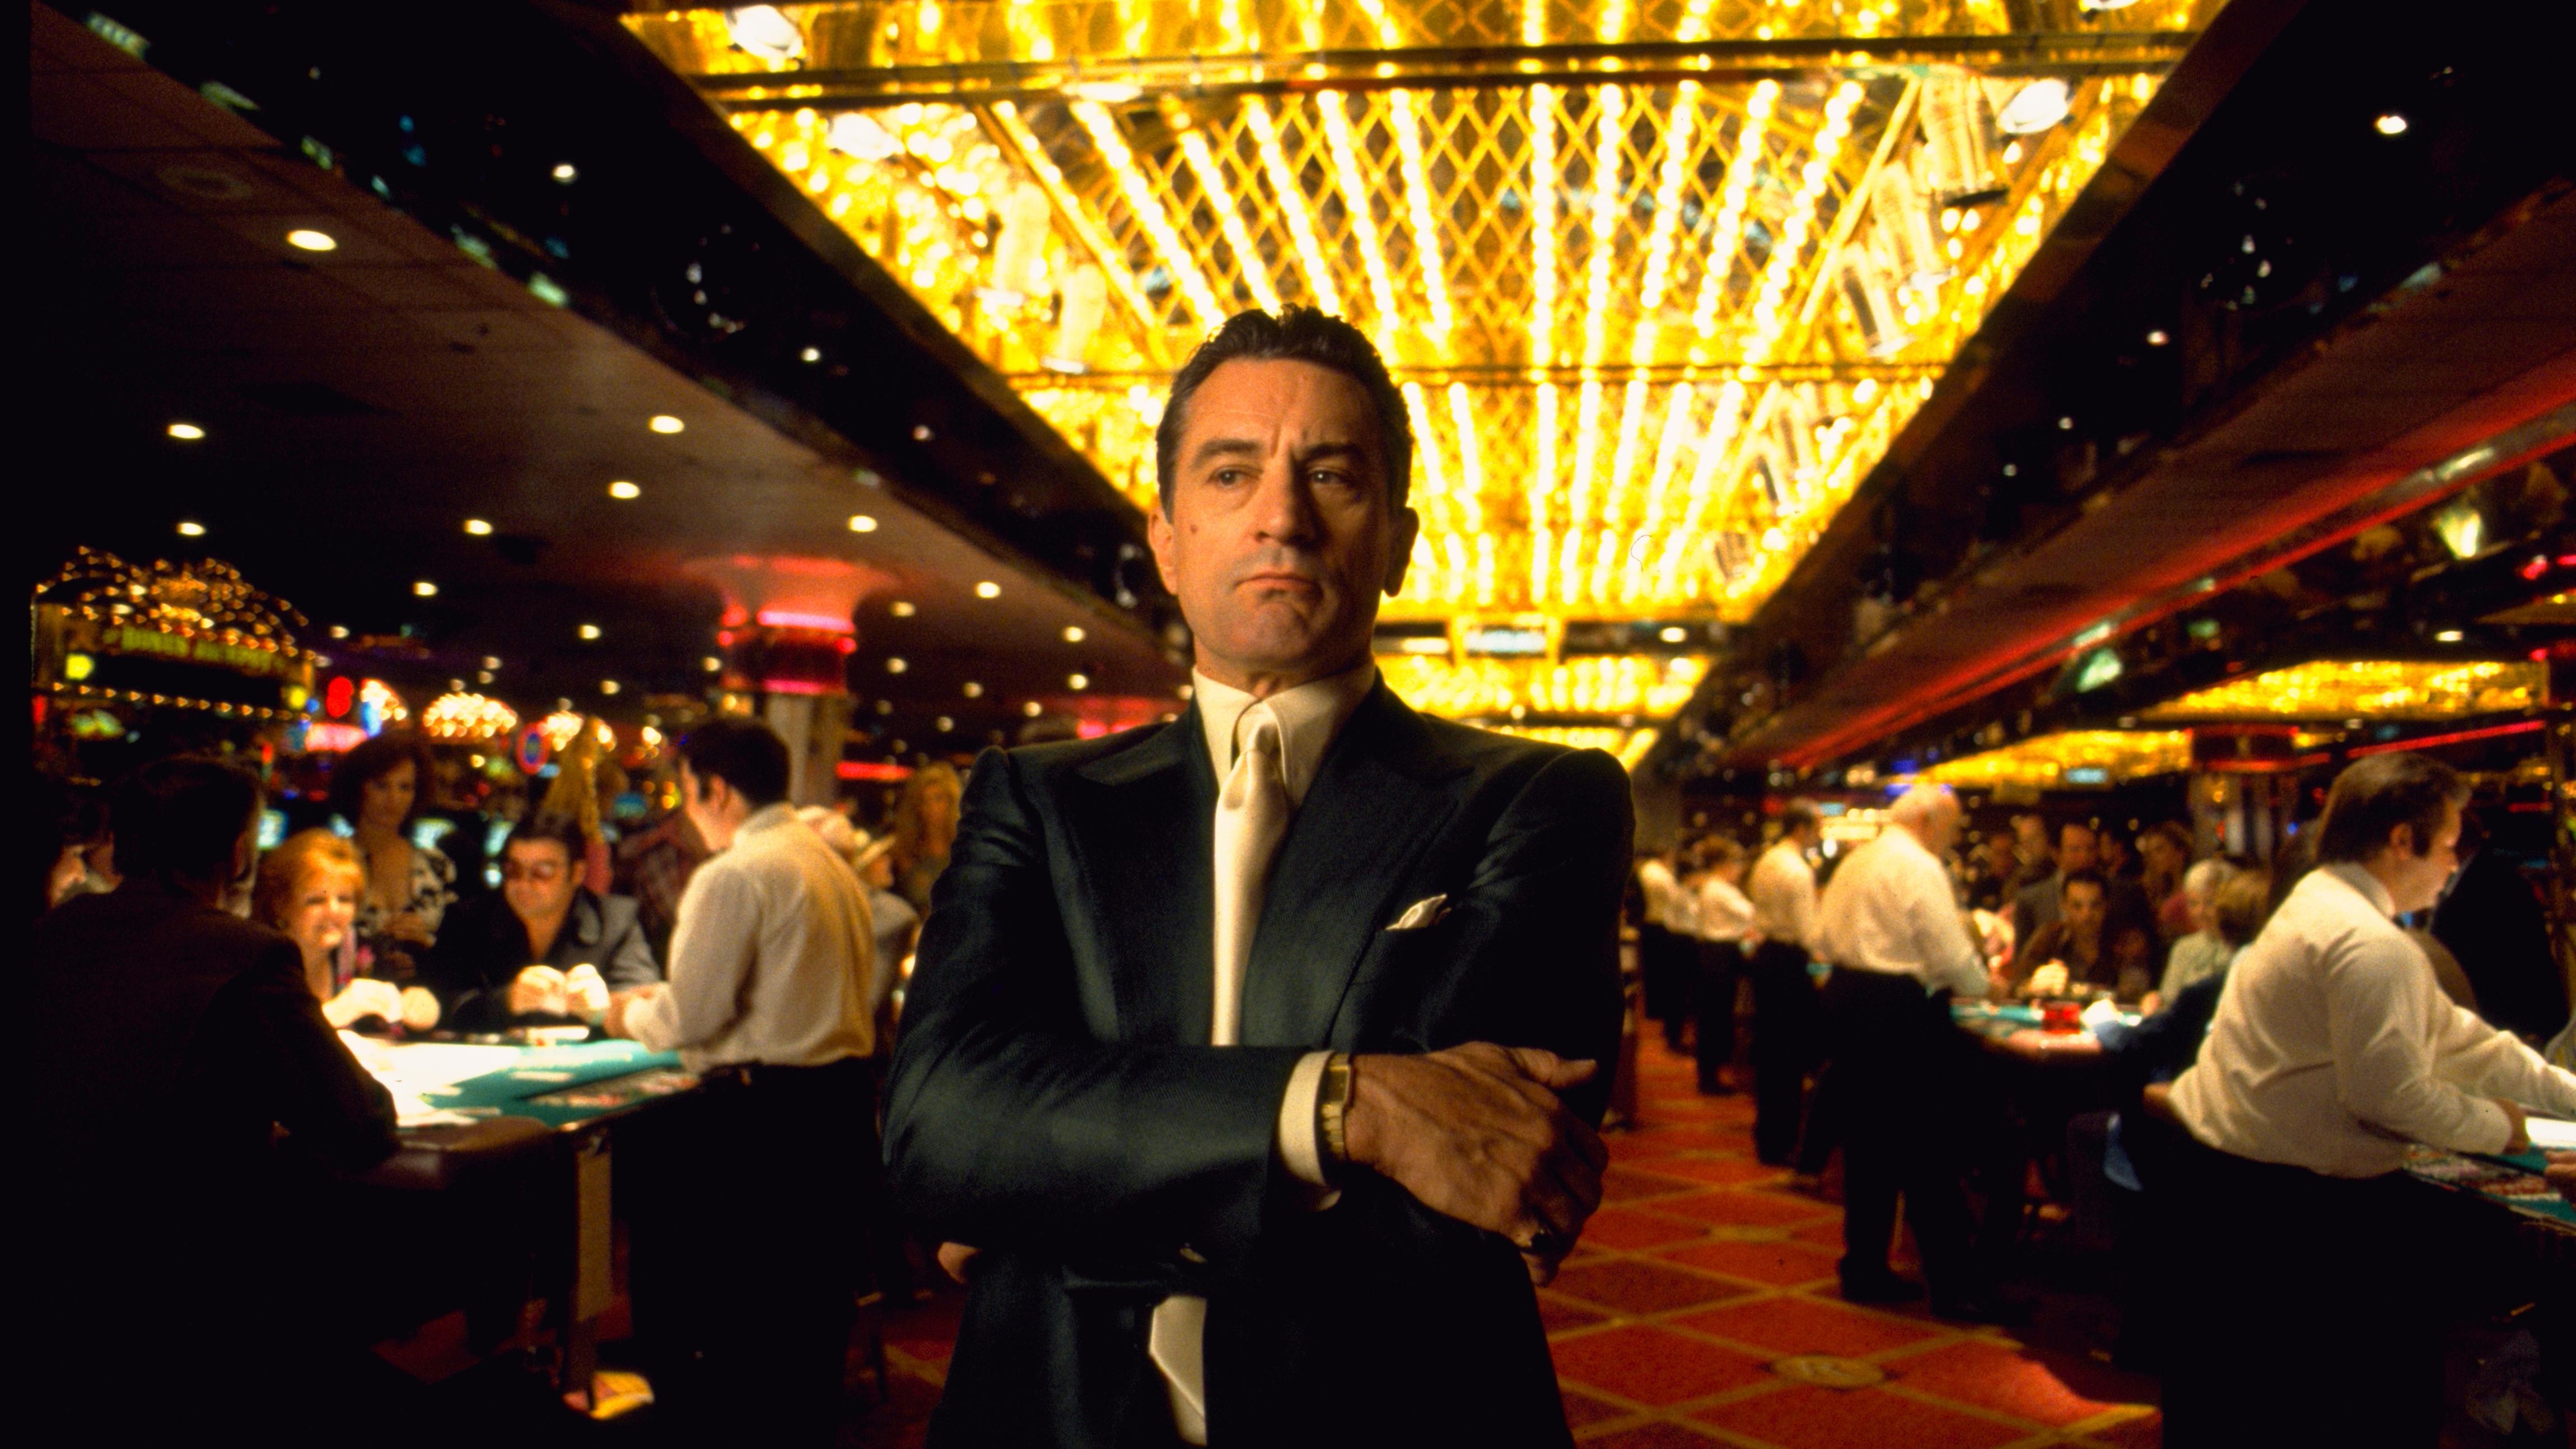 Фильмы о казино онлайн смотреть бесплатно казино вулкан официальный сайт vulcan casino com